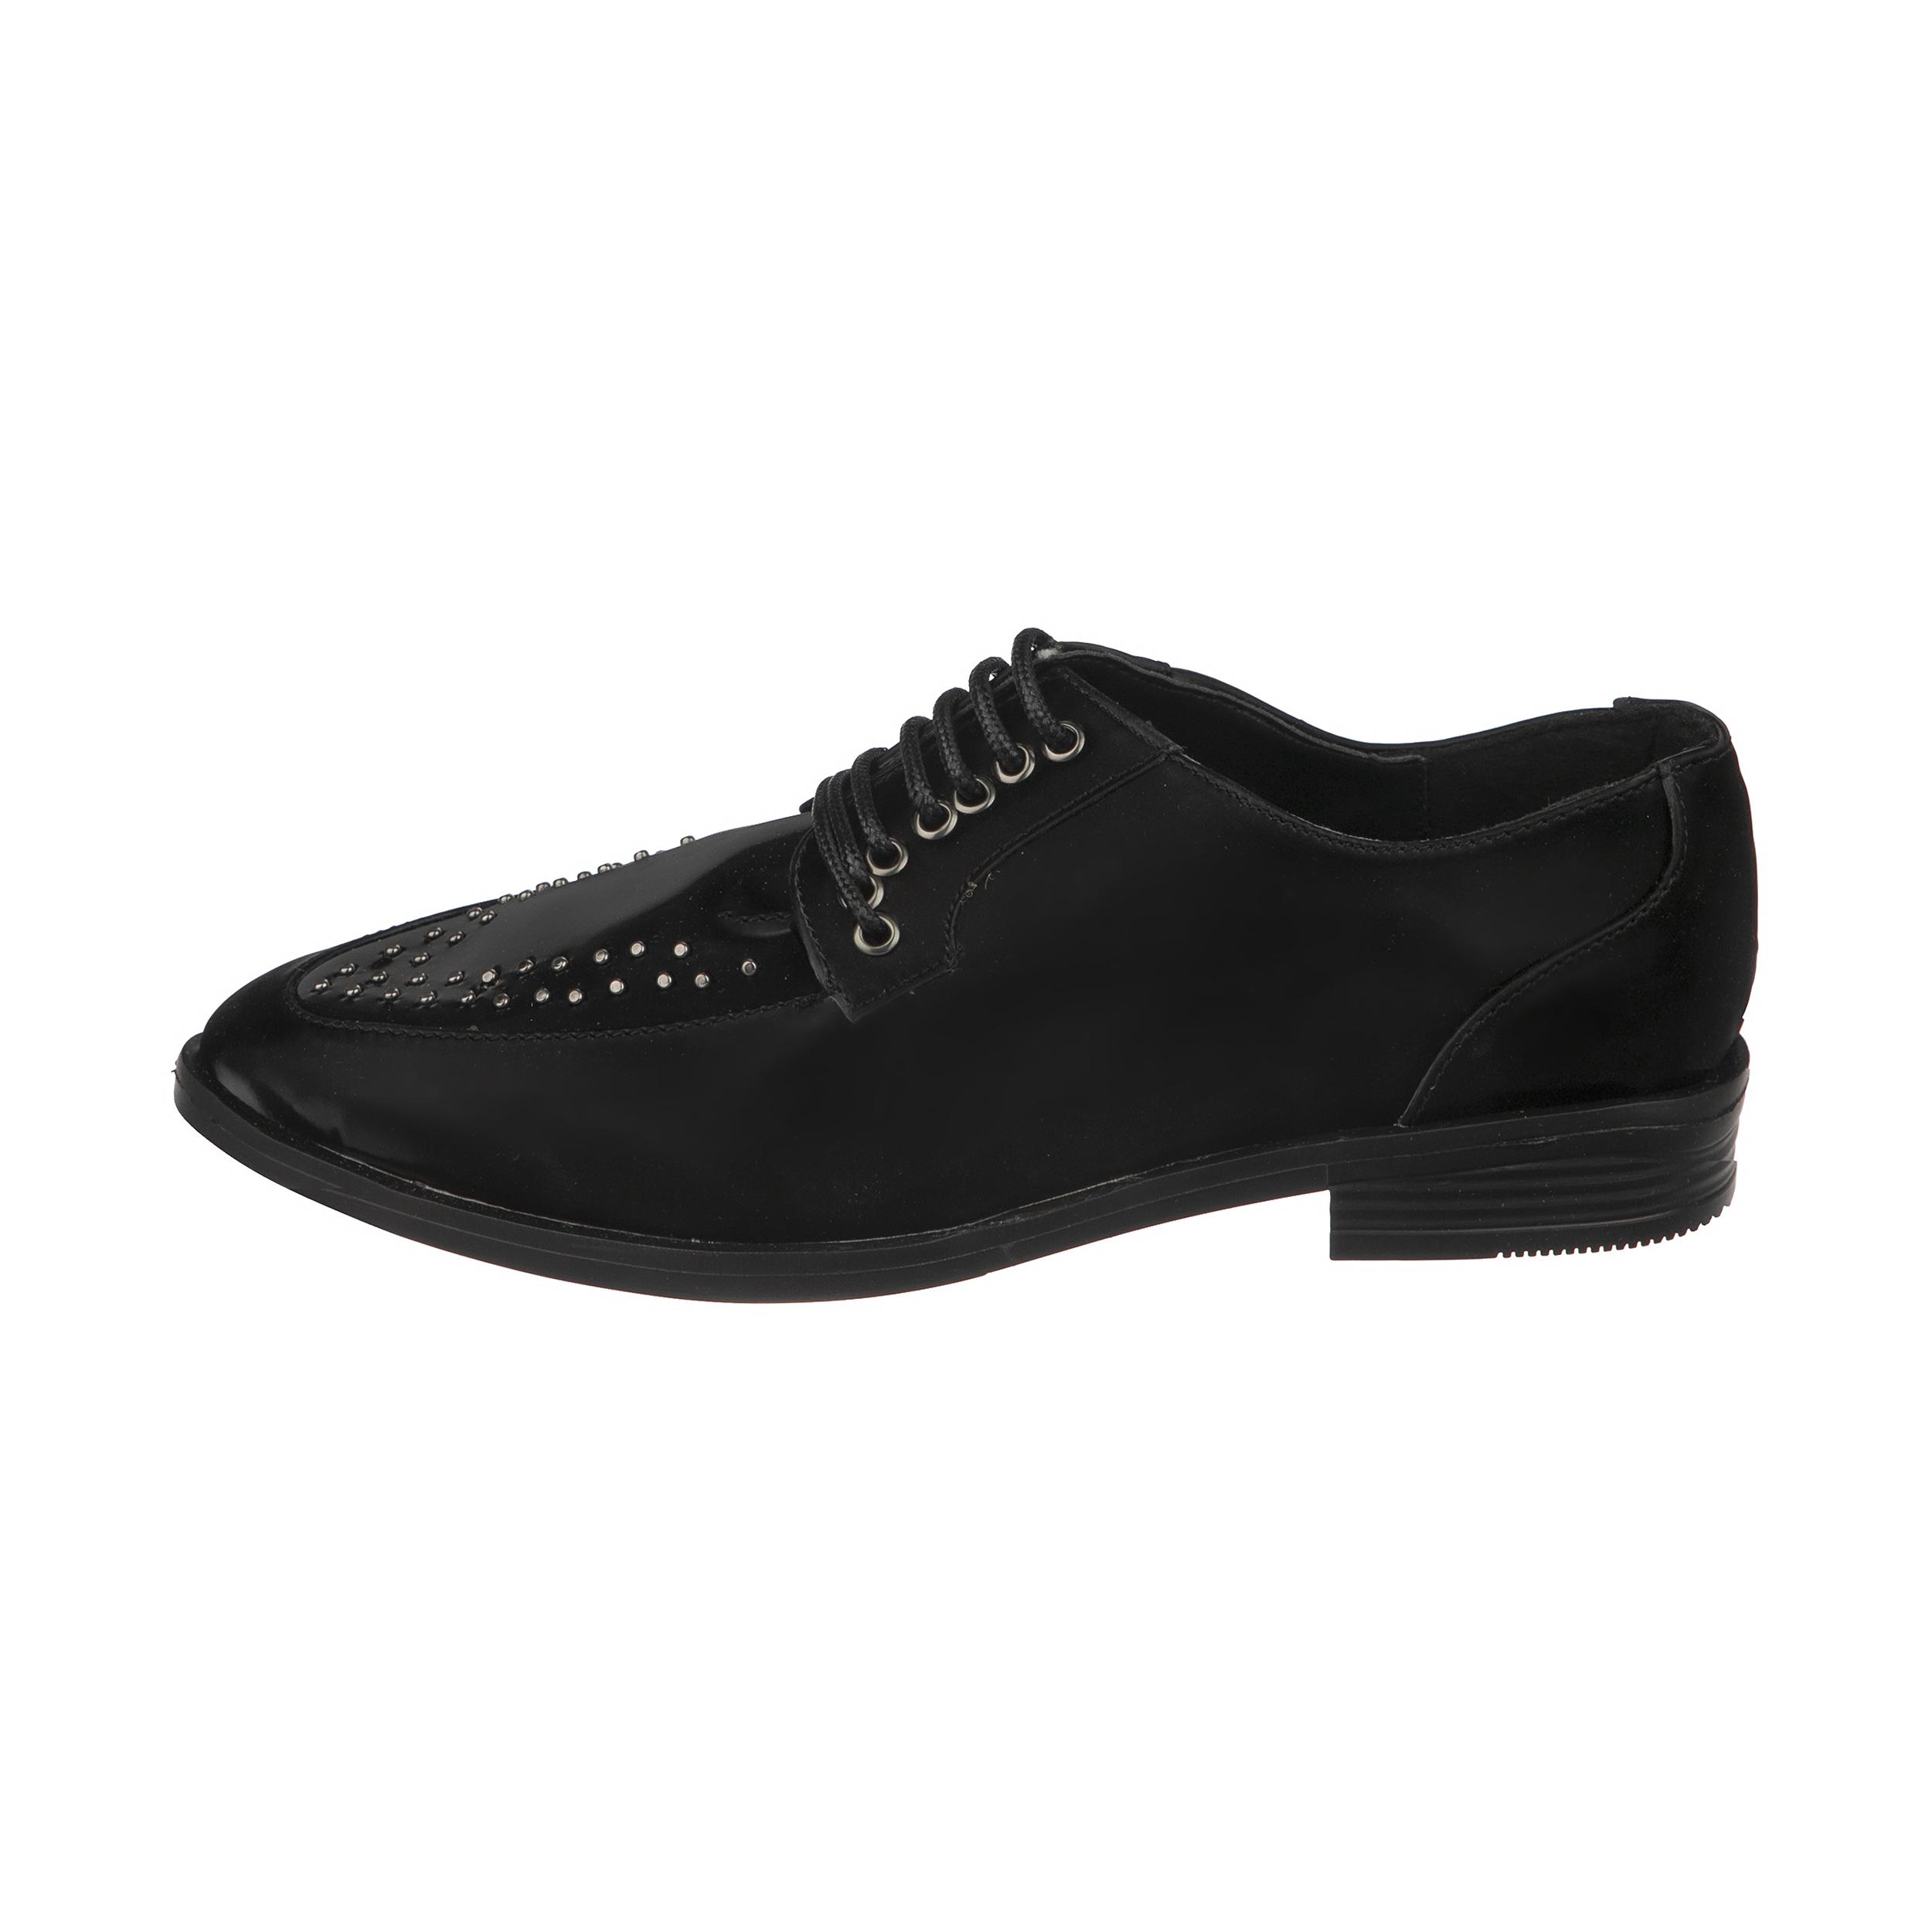 کفش زنانه لبتو مدل 1052-99